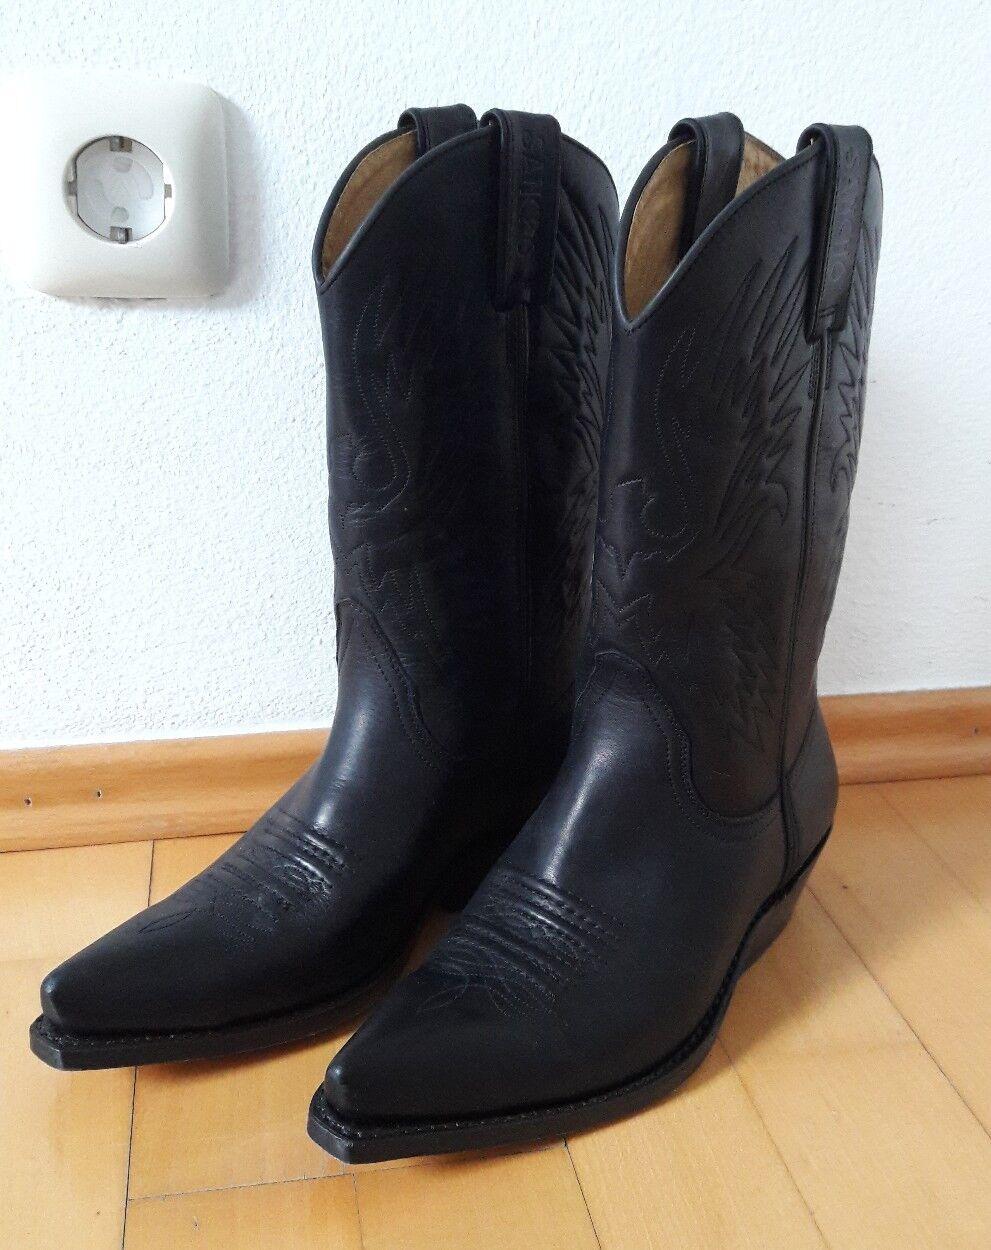 Sancho Boots Western Stiefel Echtleder schwarz Damen 37 neuwertig